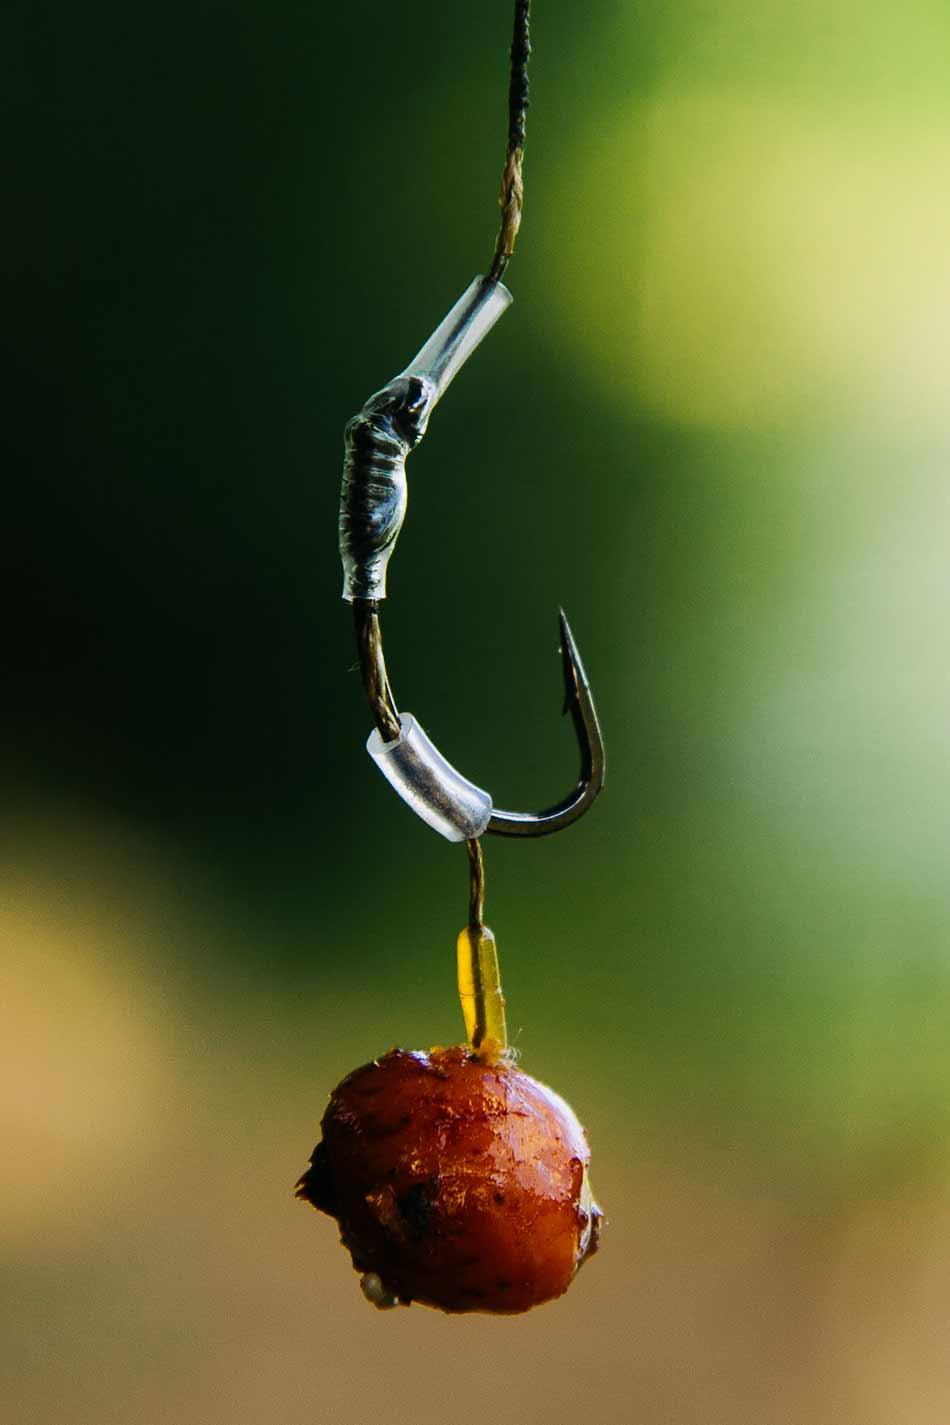 Самые лучшие приманки на сазана - как готовить бойлы, какие животные и растительные наживки и насадки выбирать